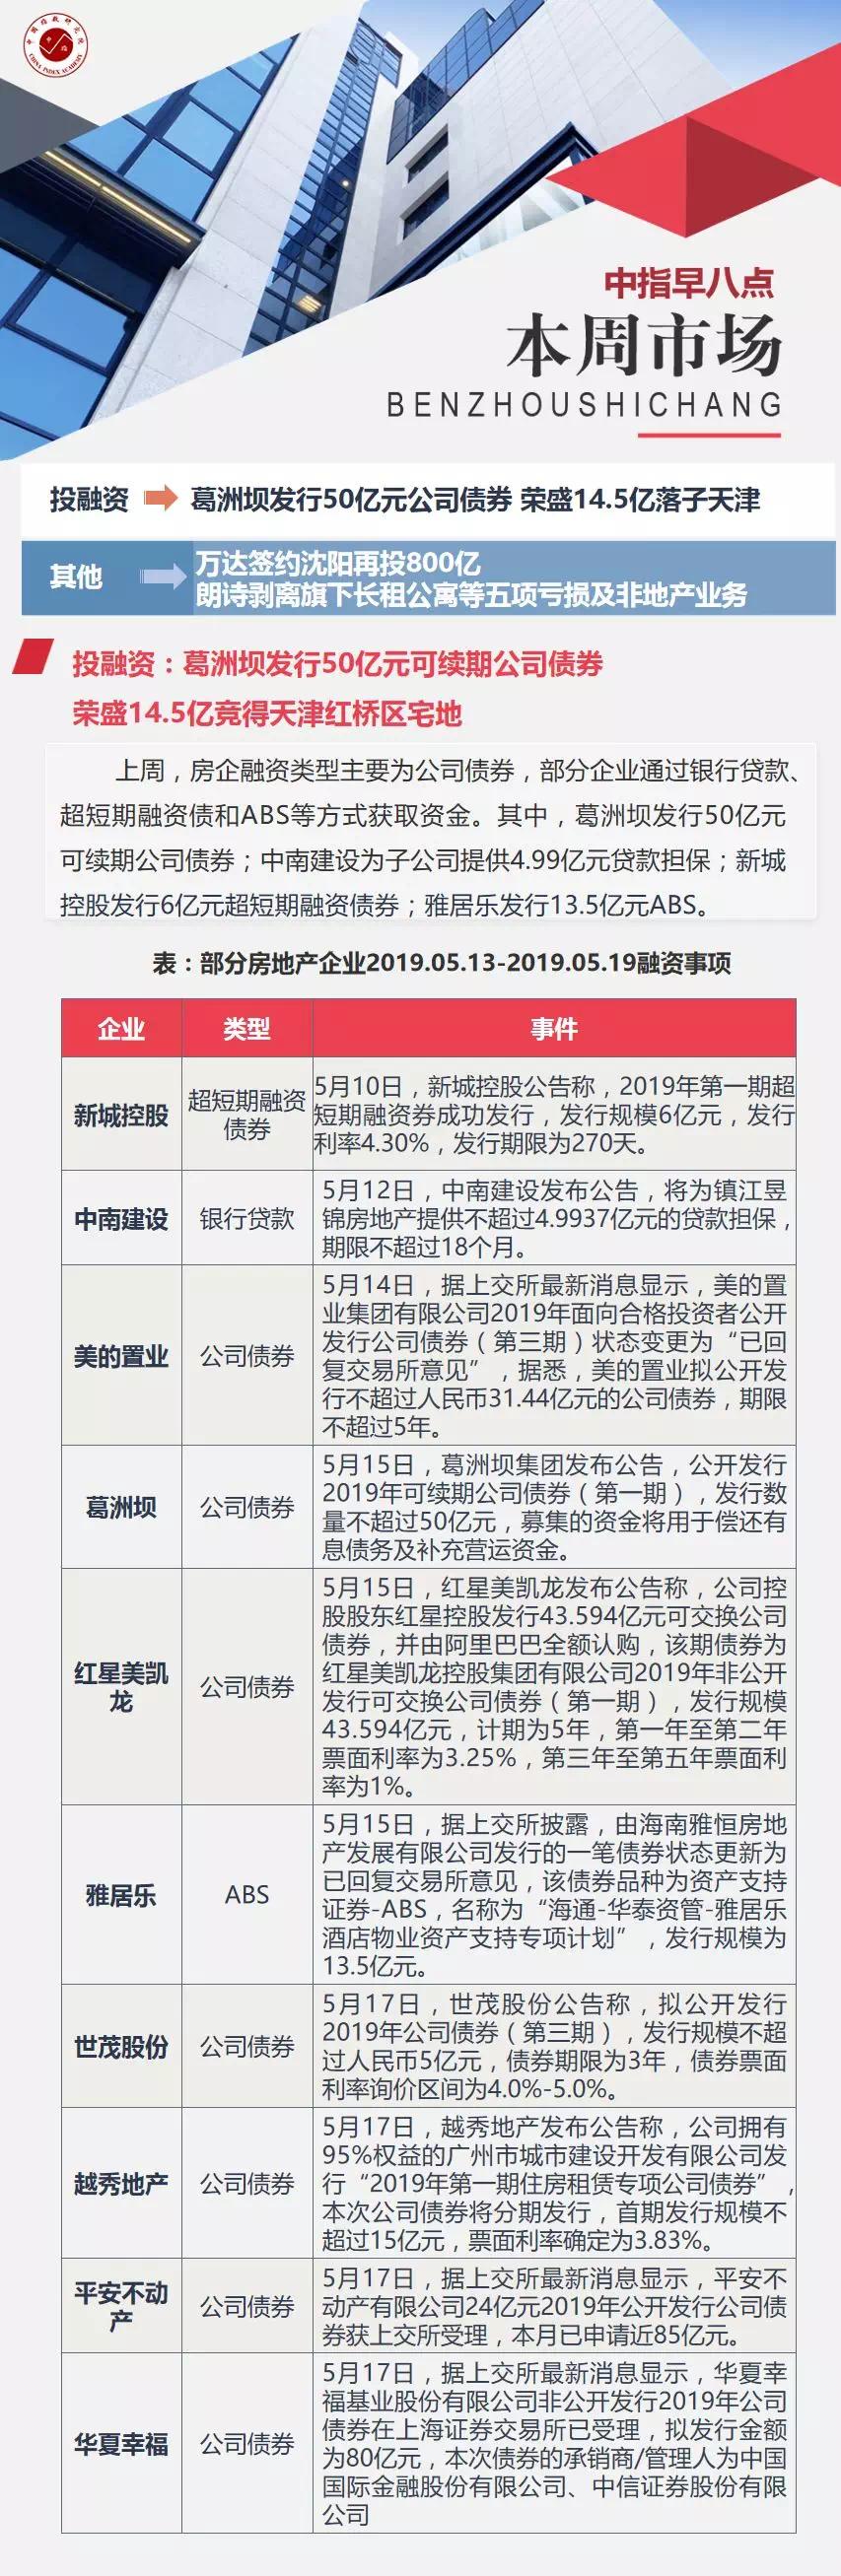 葛洲坝发行50亿元公司债券,万达签约沈阳再投800亿